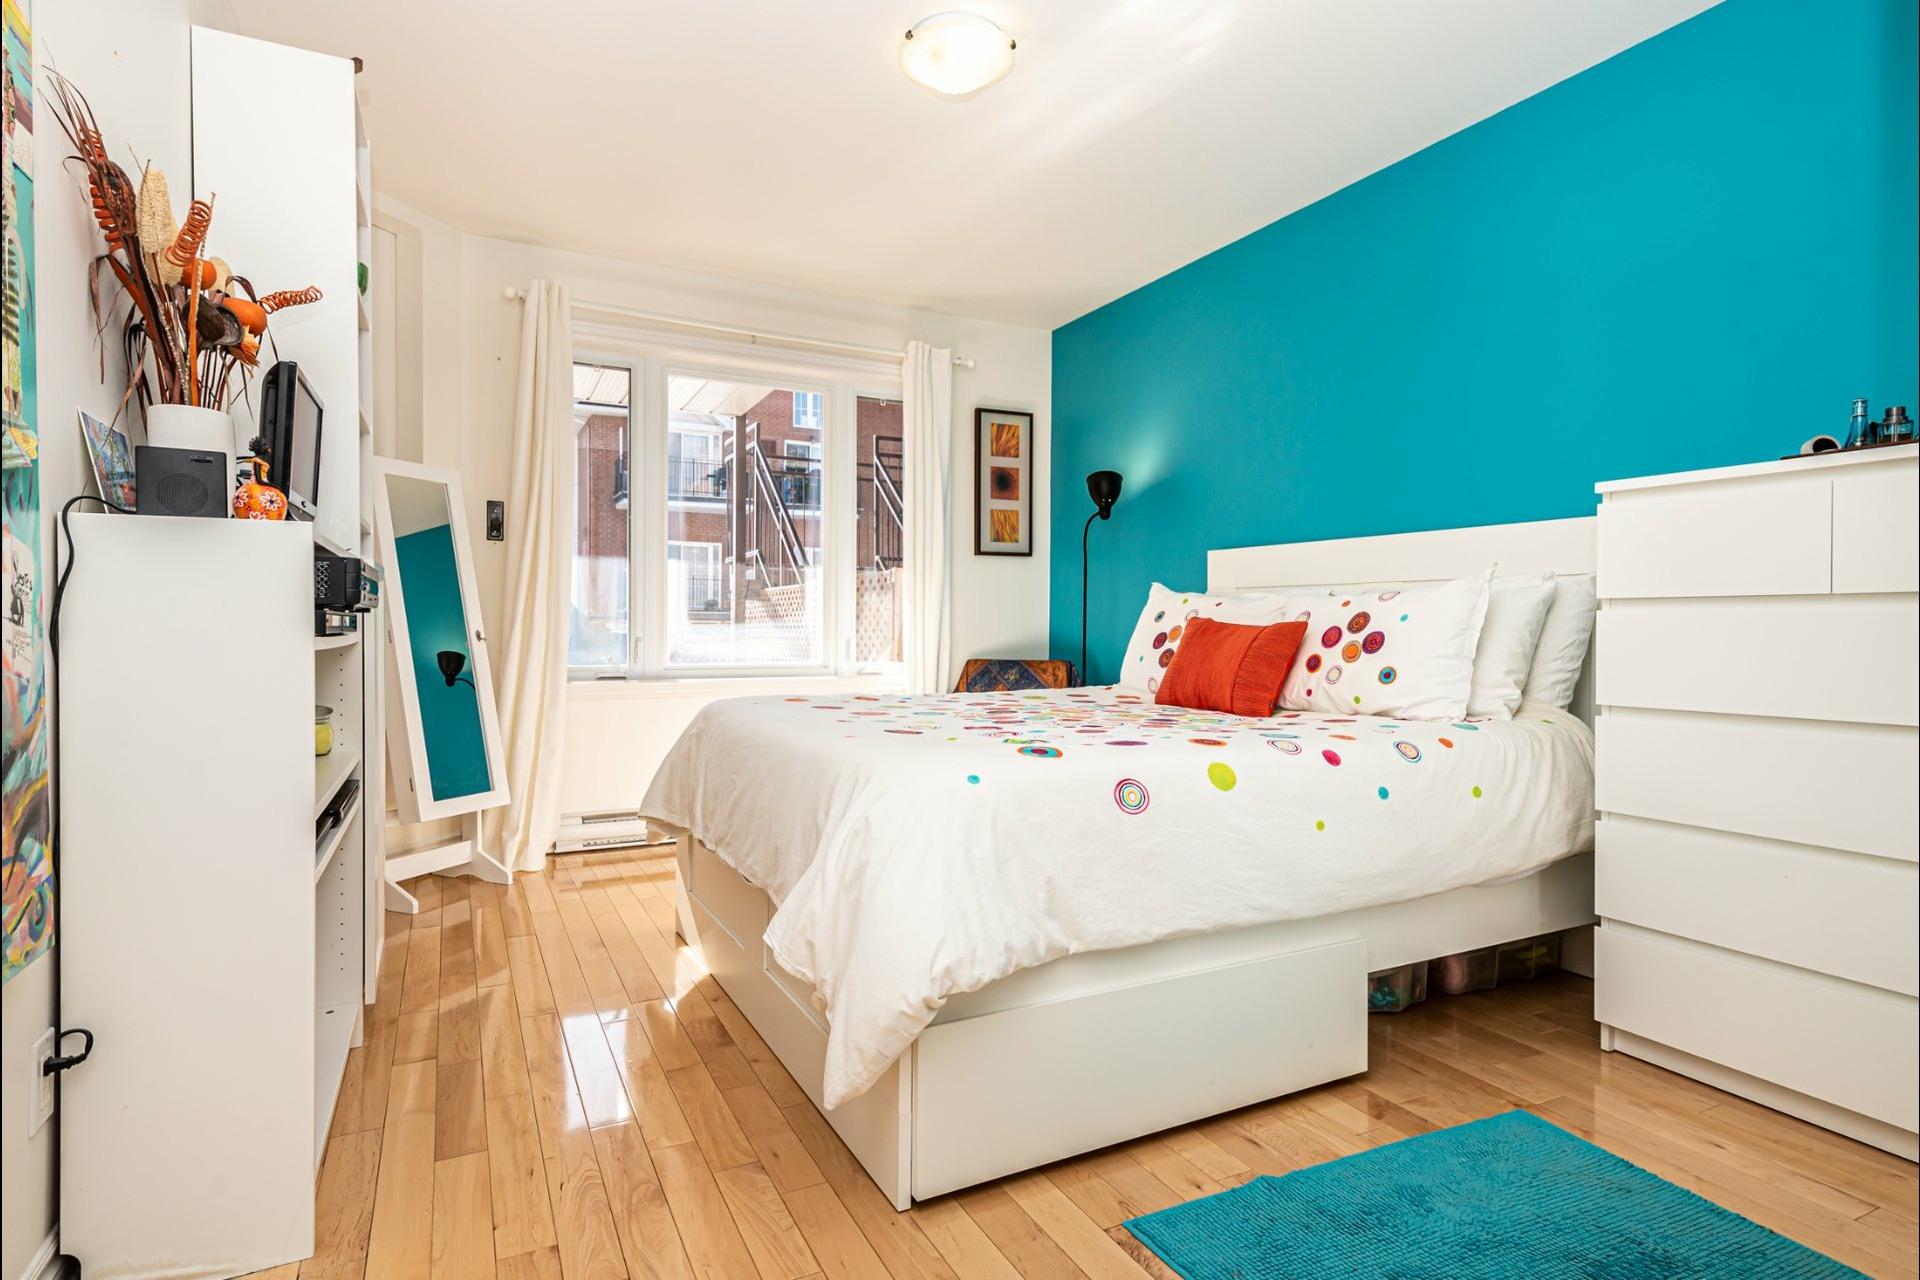 image 12 - Apartment For sale Saint-Laurent Montréal  - 4 rooms